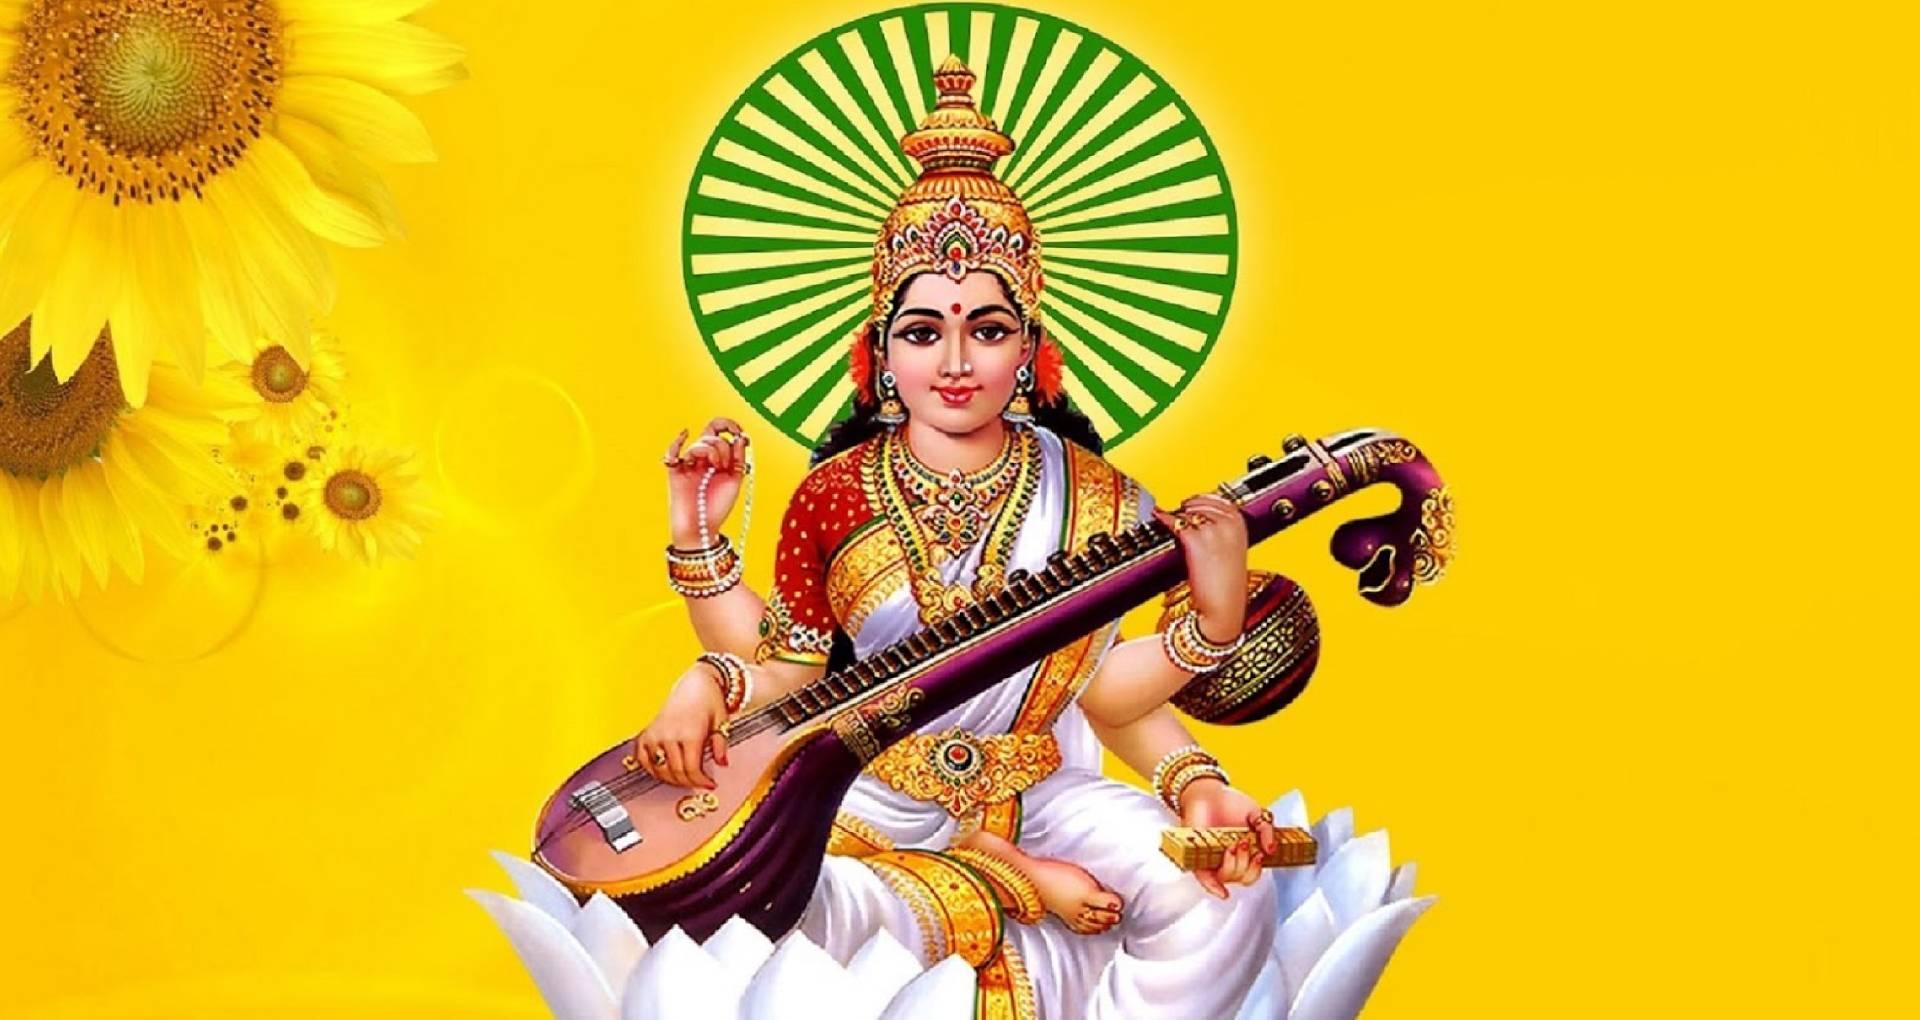 बसंत पंचमी 2019: पीले वस्त्र पहनकर की जाती है मां सरस्वती की पूजा, जानिए इस रंग का महत्व और प्रभाव